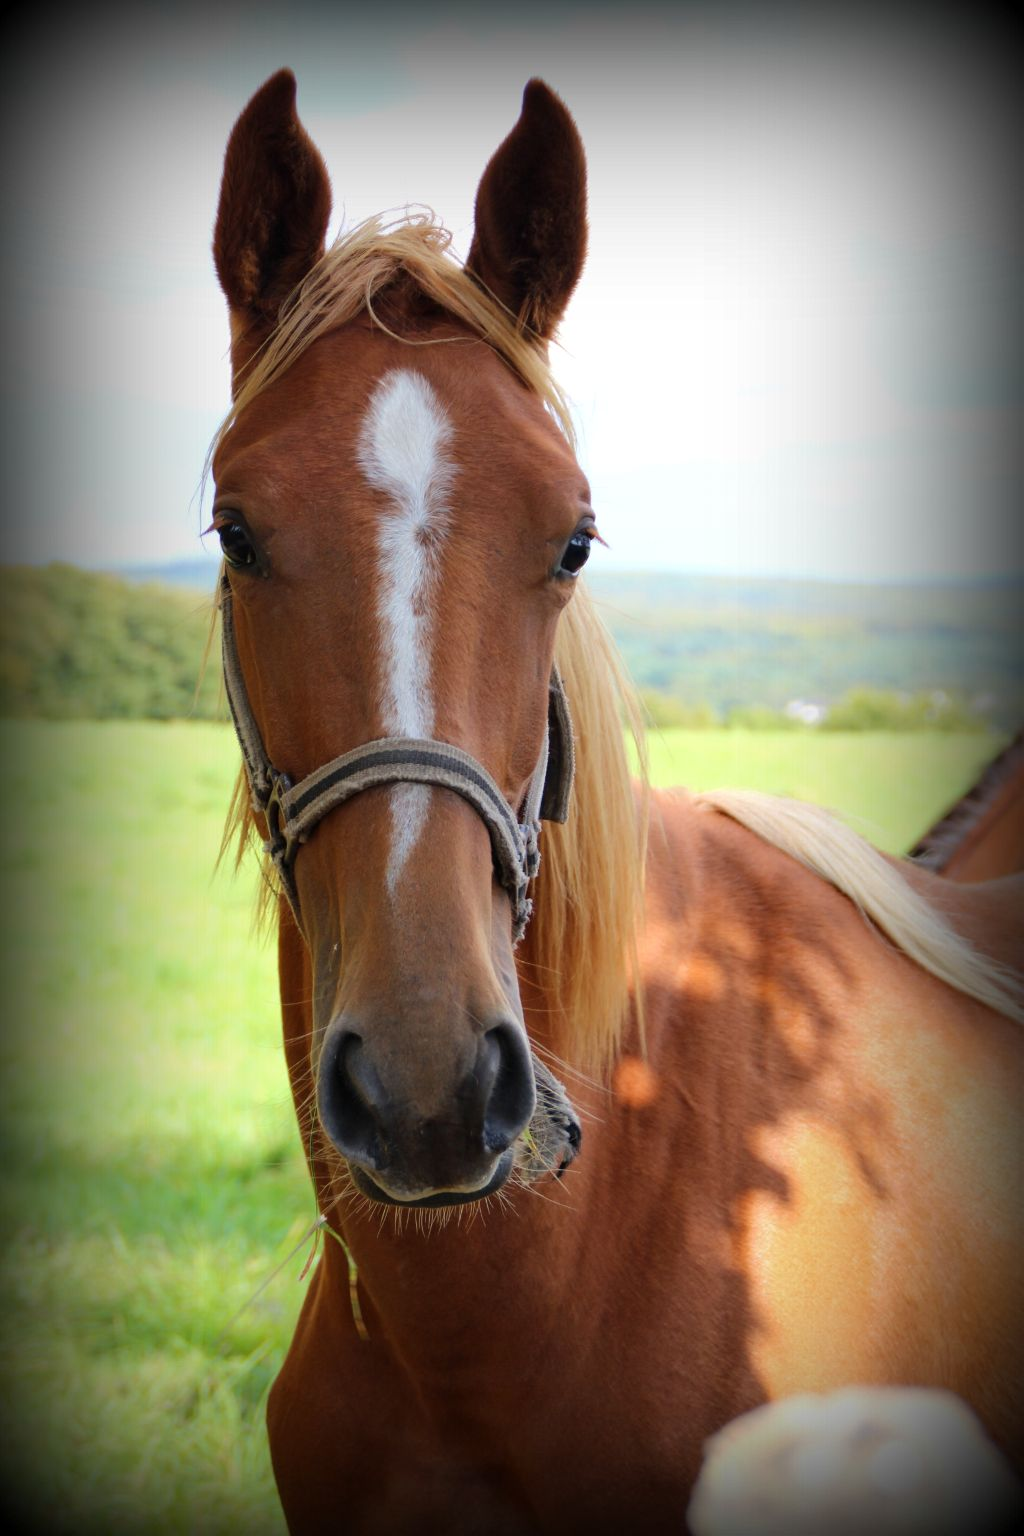 Mon modèle  ☺ #nature  #photography  #automne # cheval